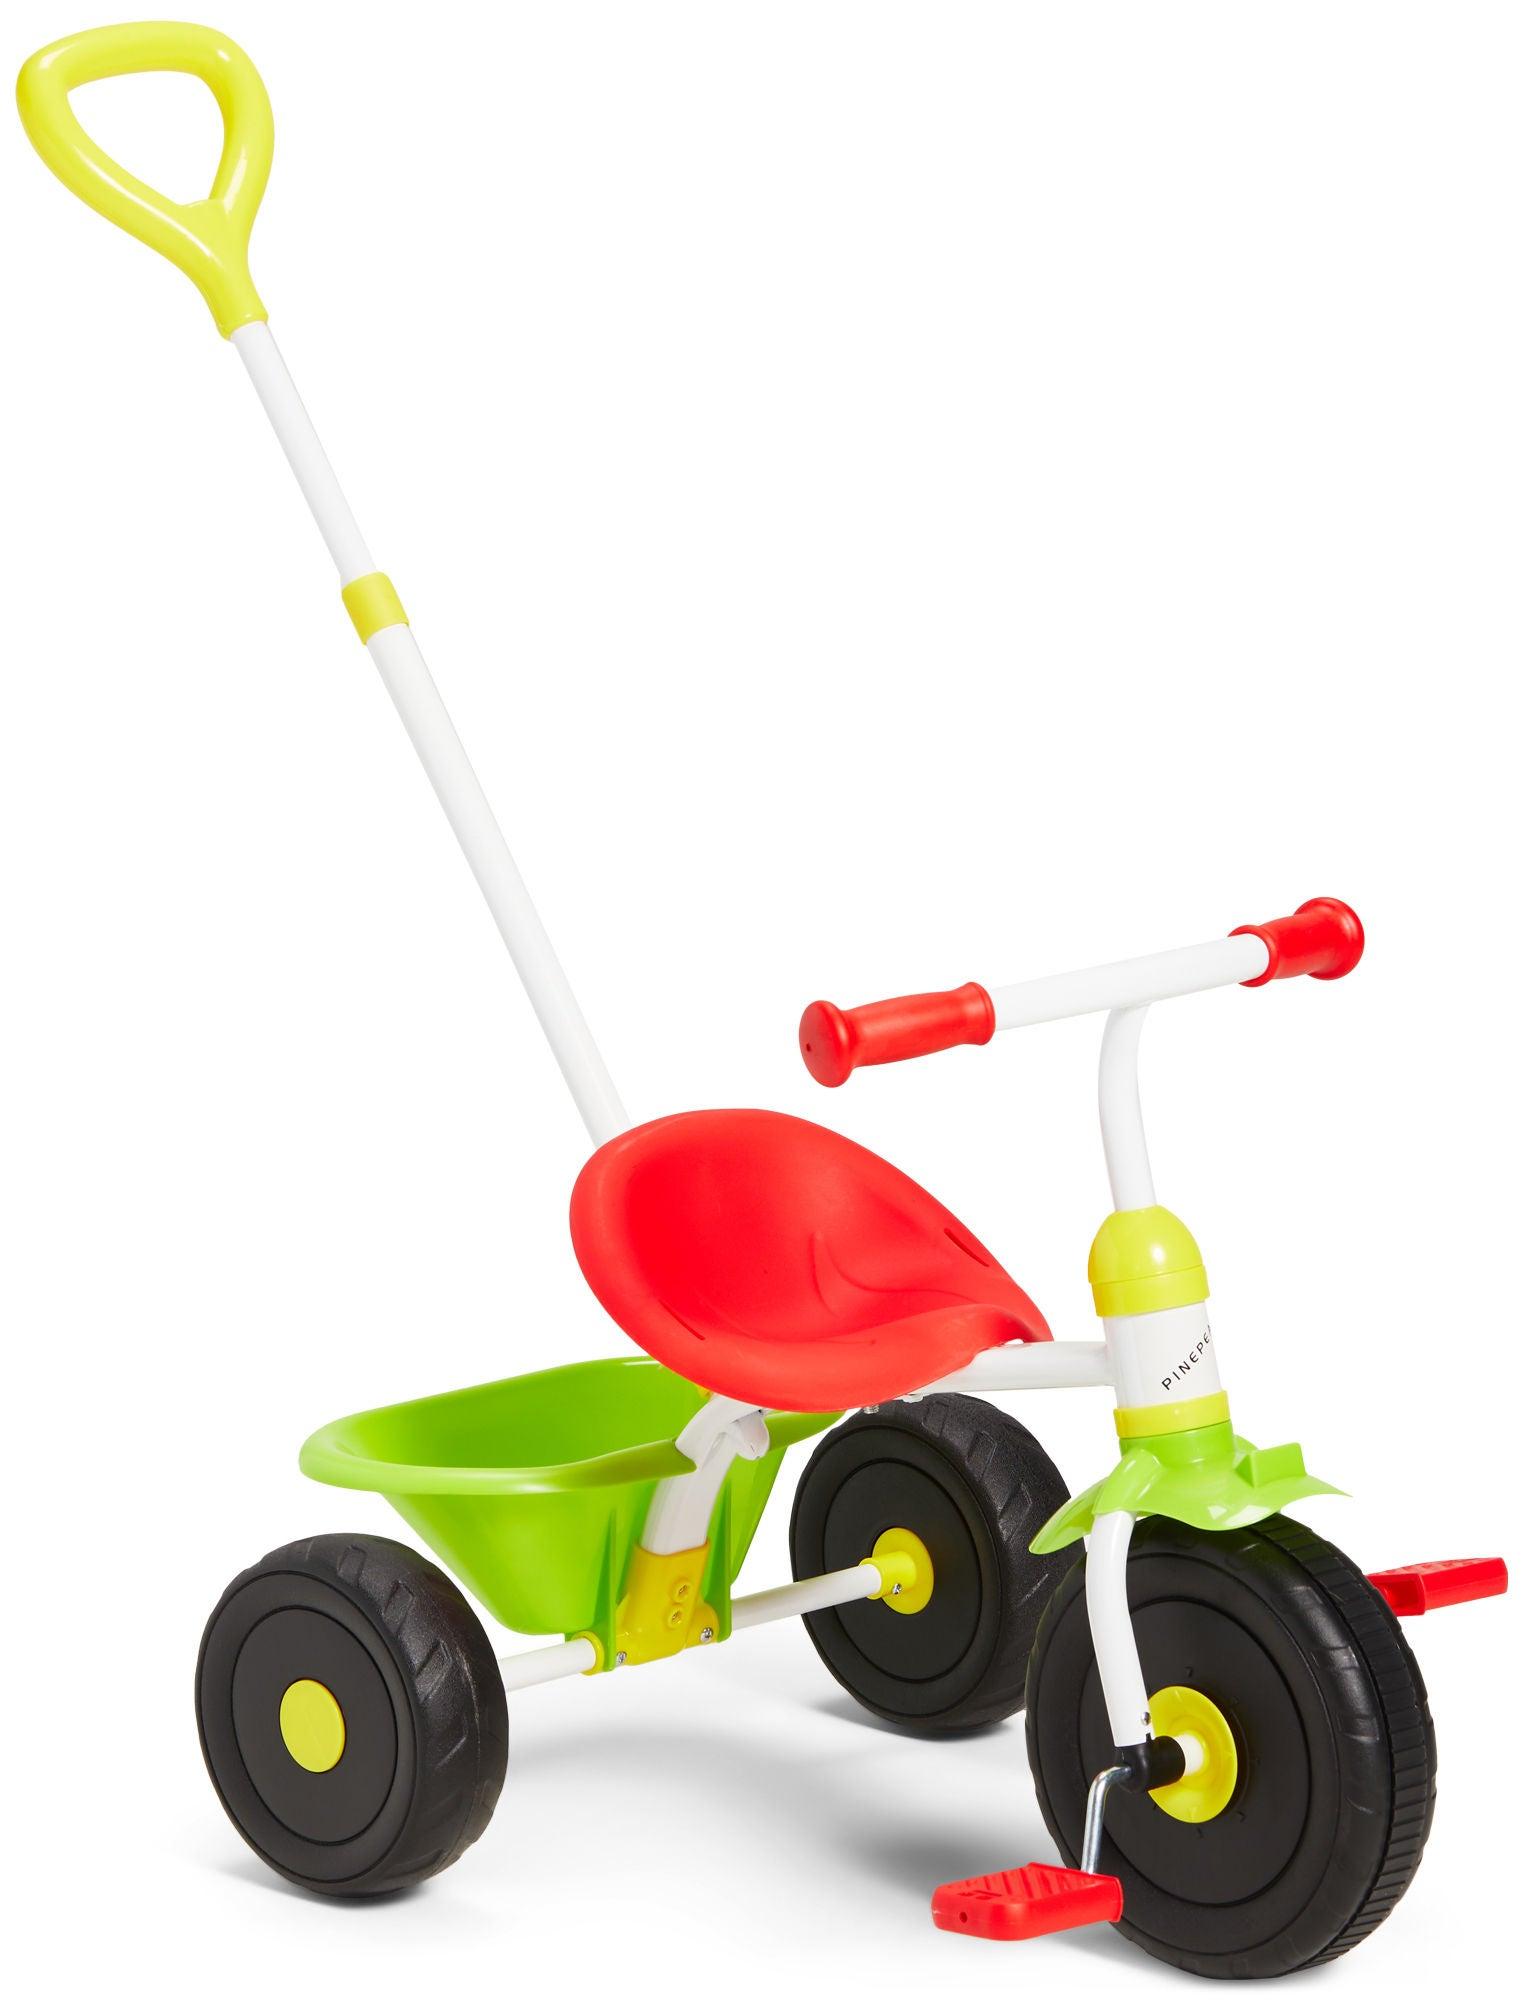 Pinepeak Trehjuling Med Handtag, Röd/Grön